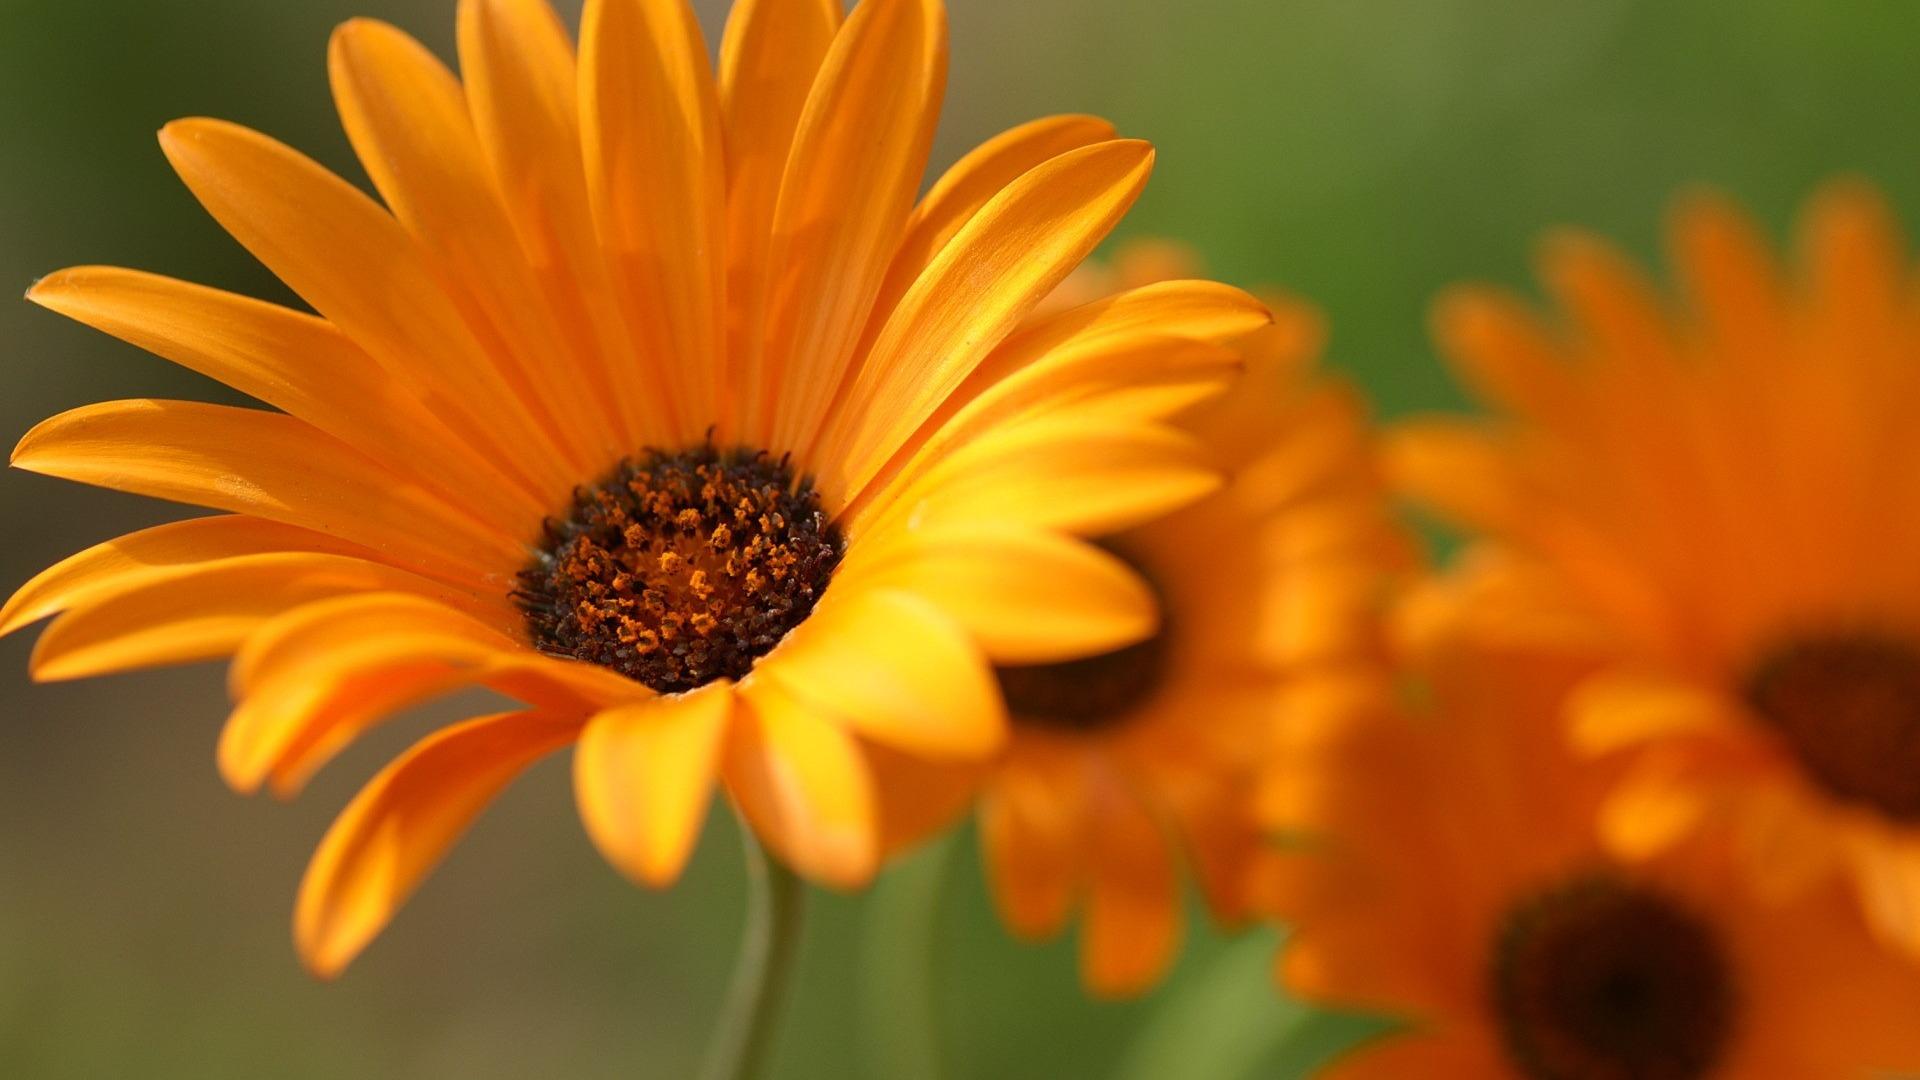 цветы фото hd: